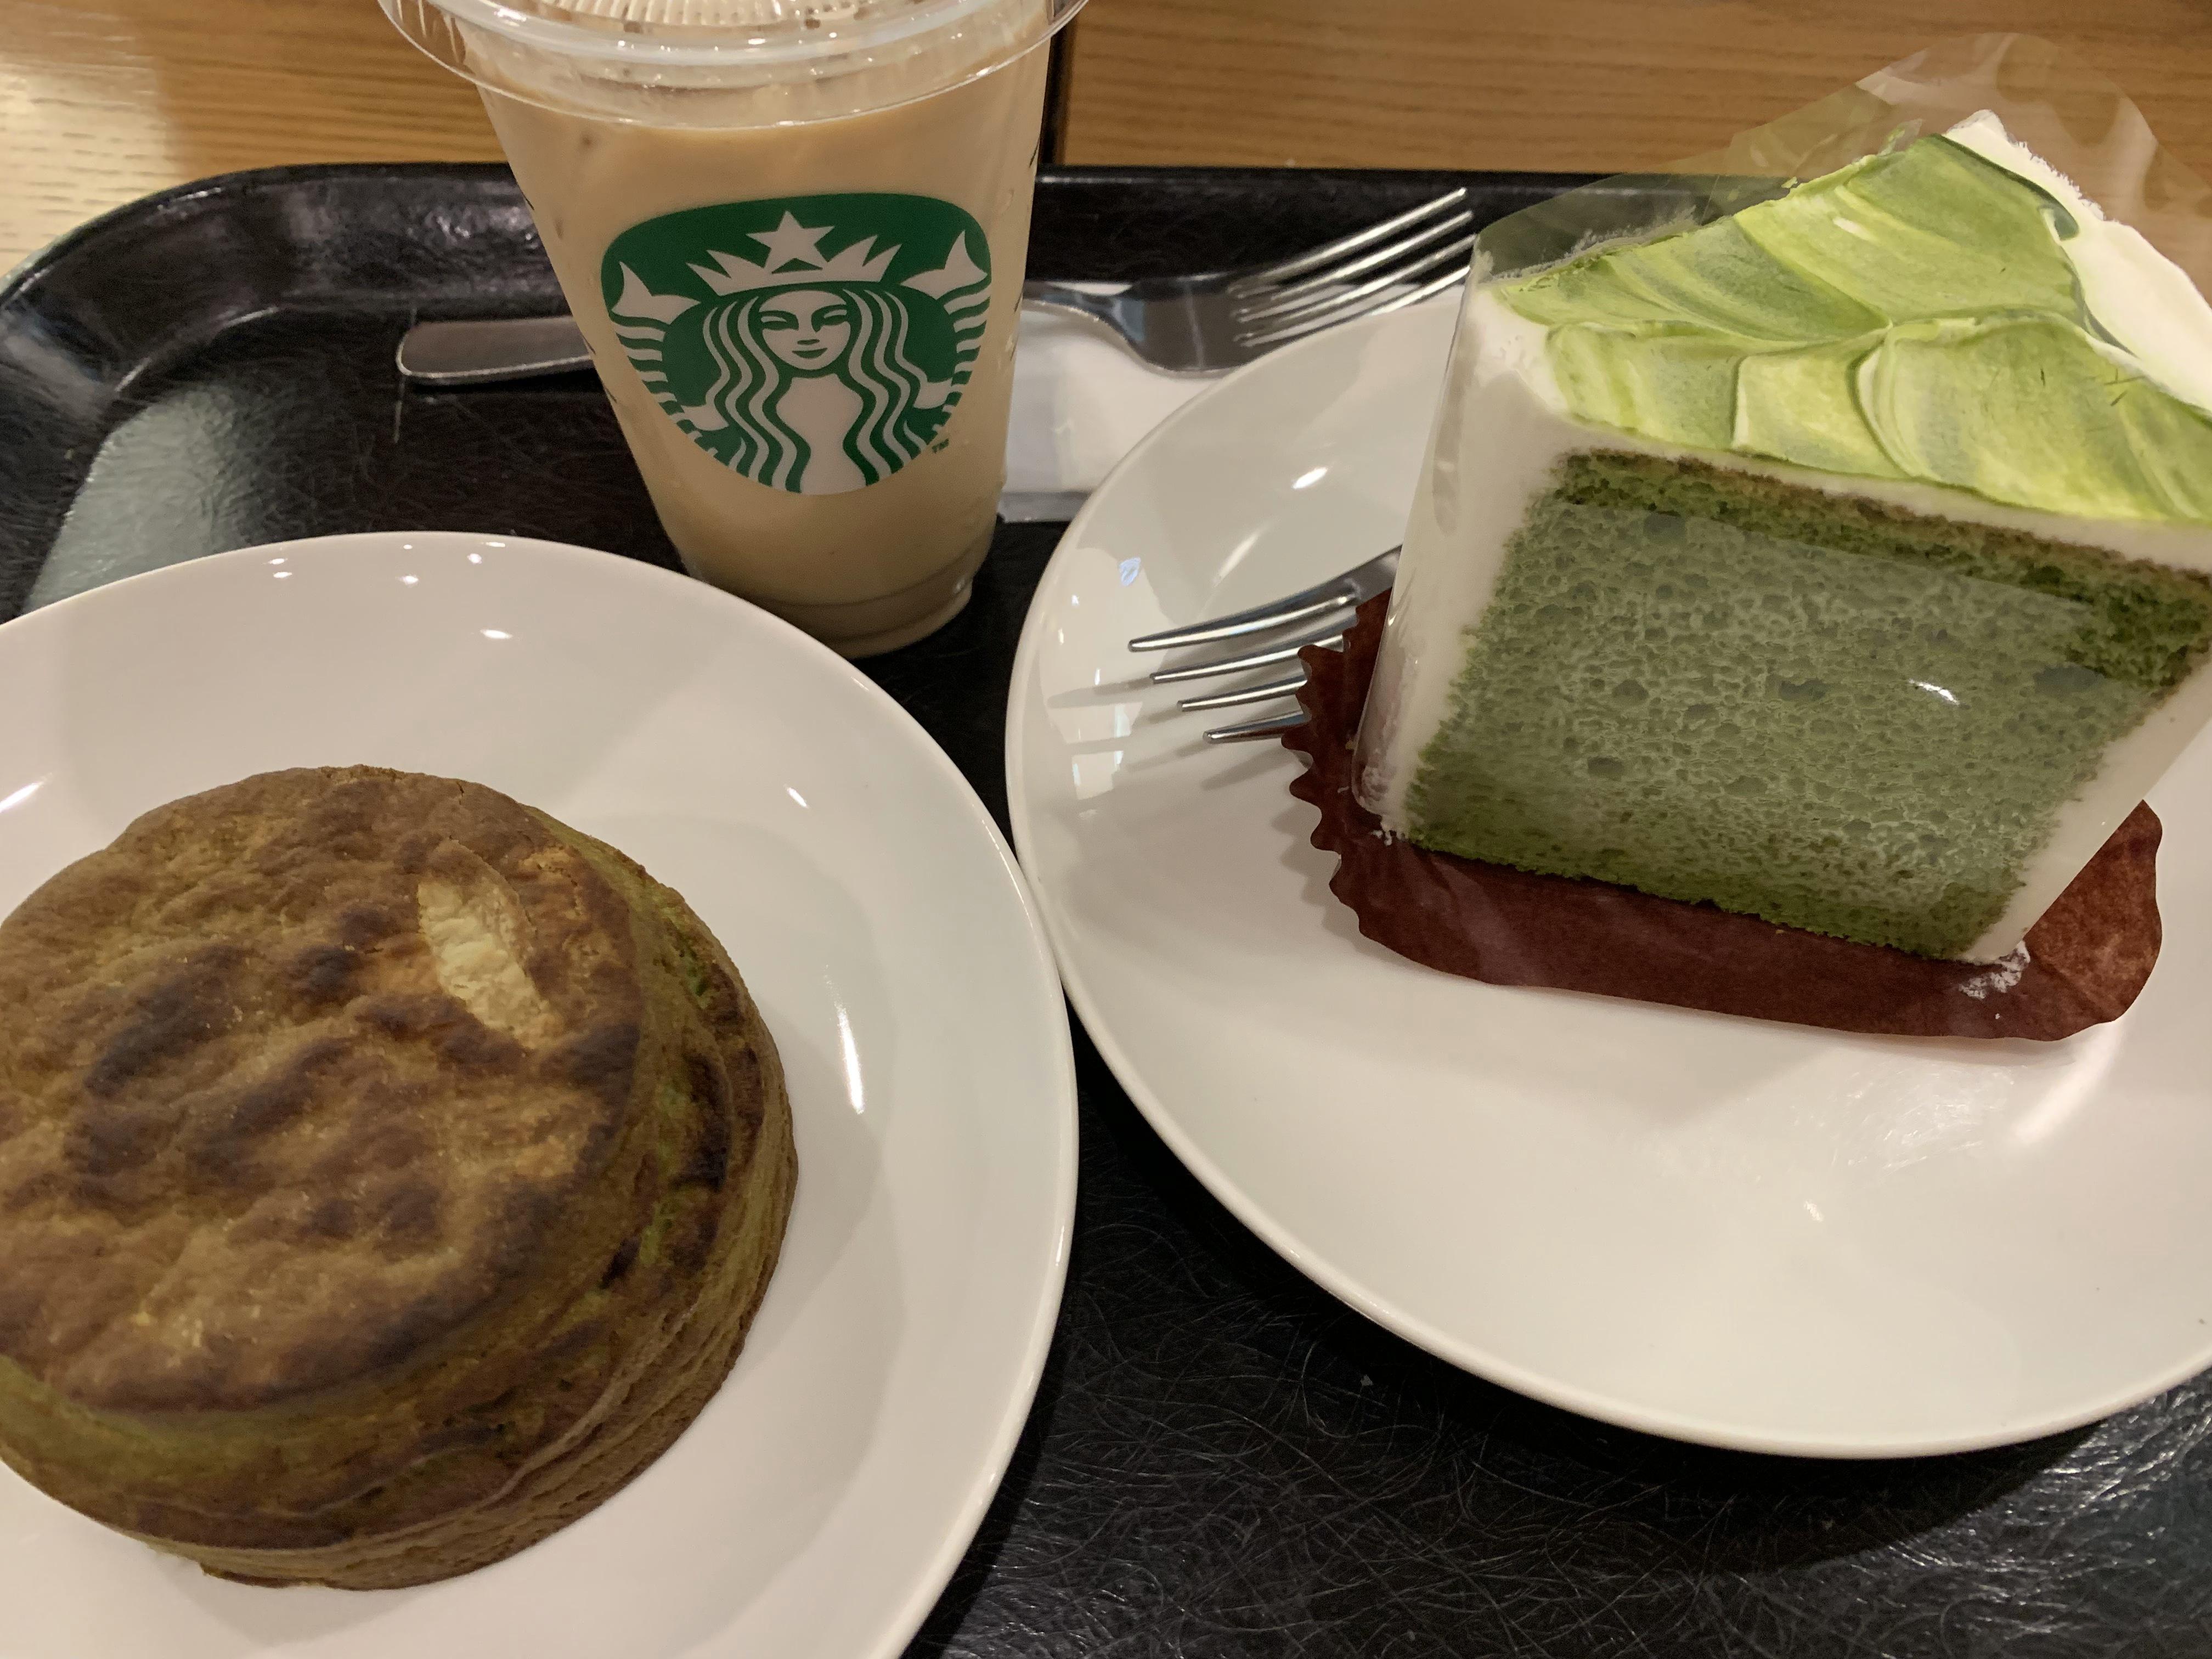 スタバの新作抹茶シフォンケーキ&宇治抹茶ビスケットは美味しい?感想レビュー